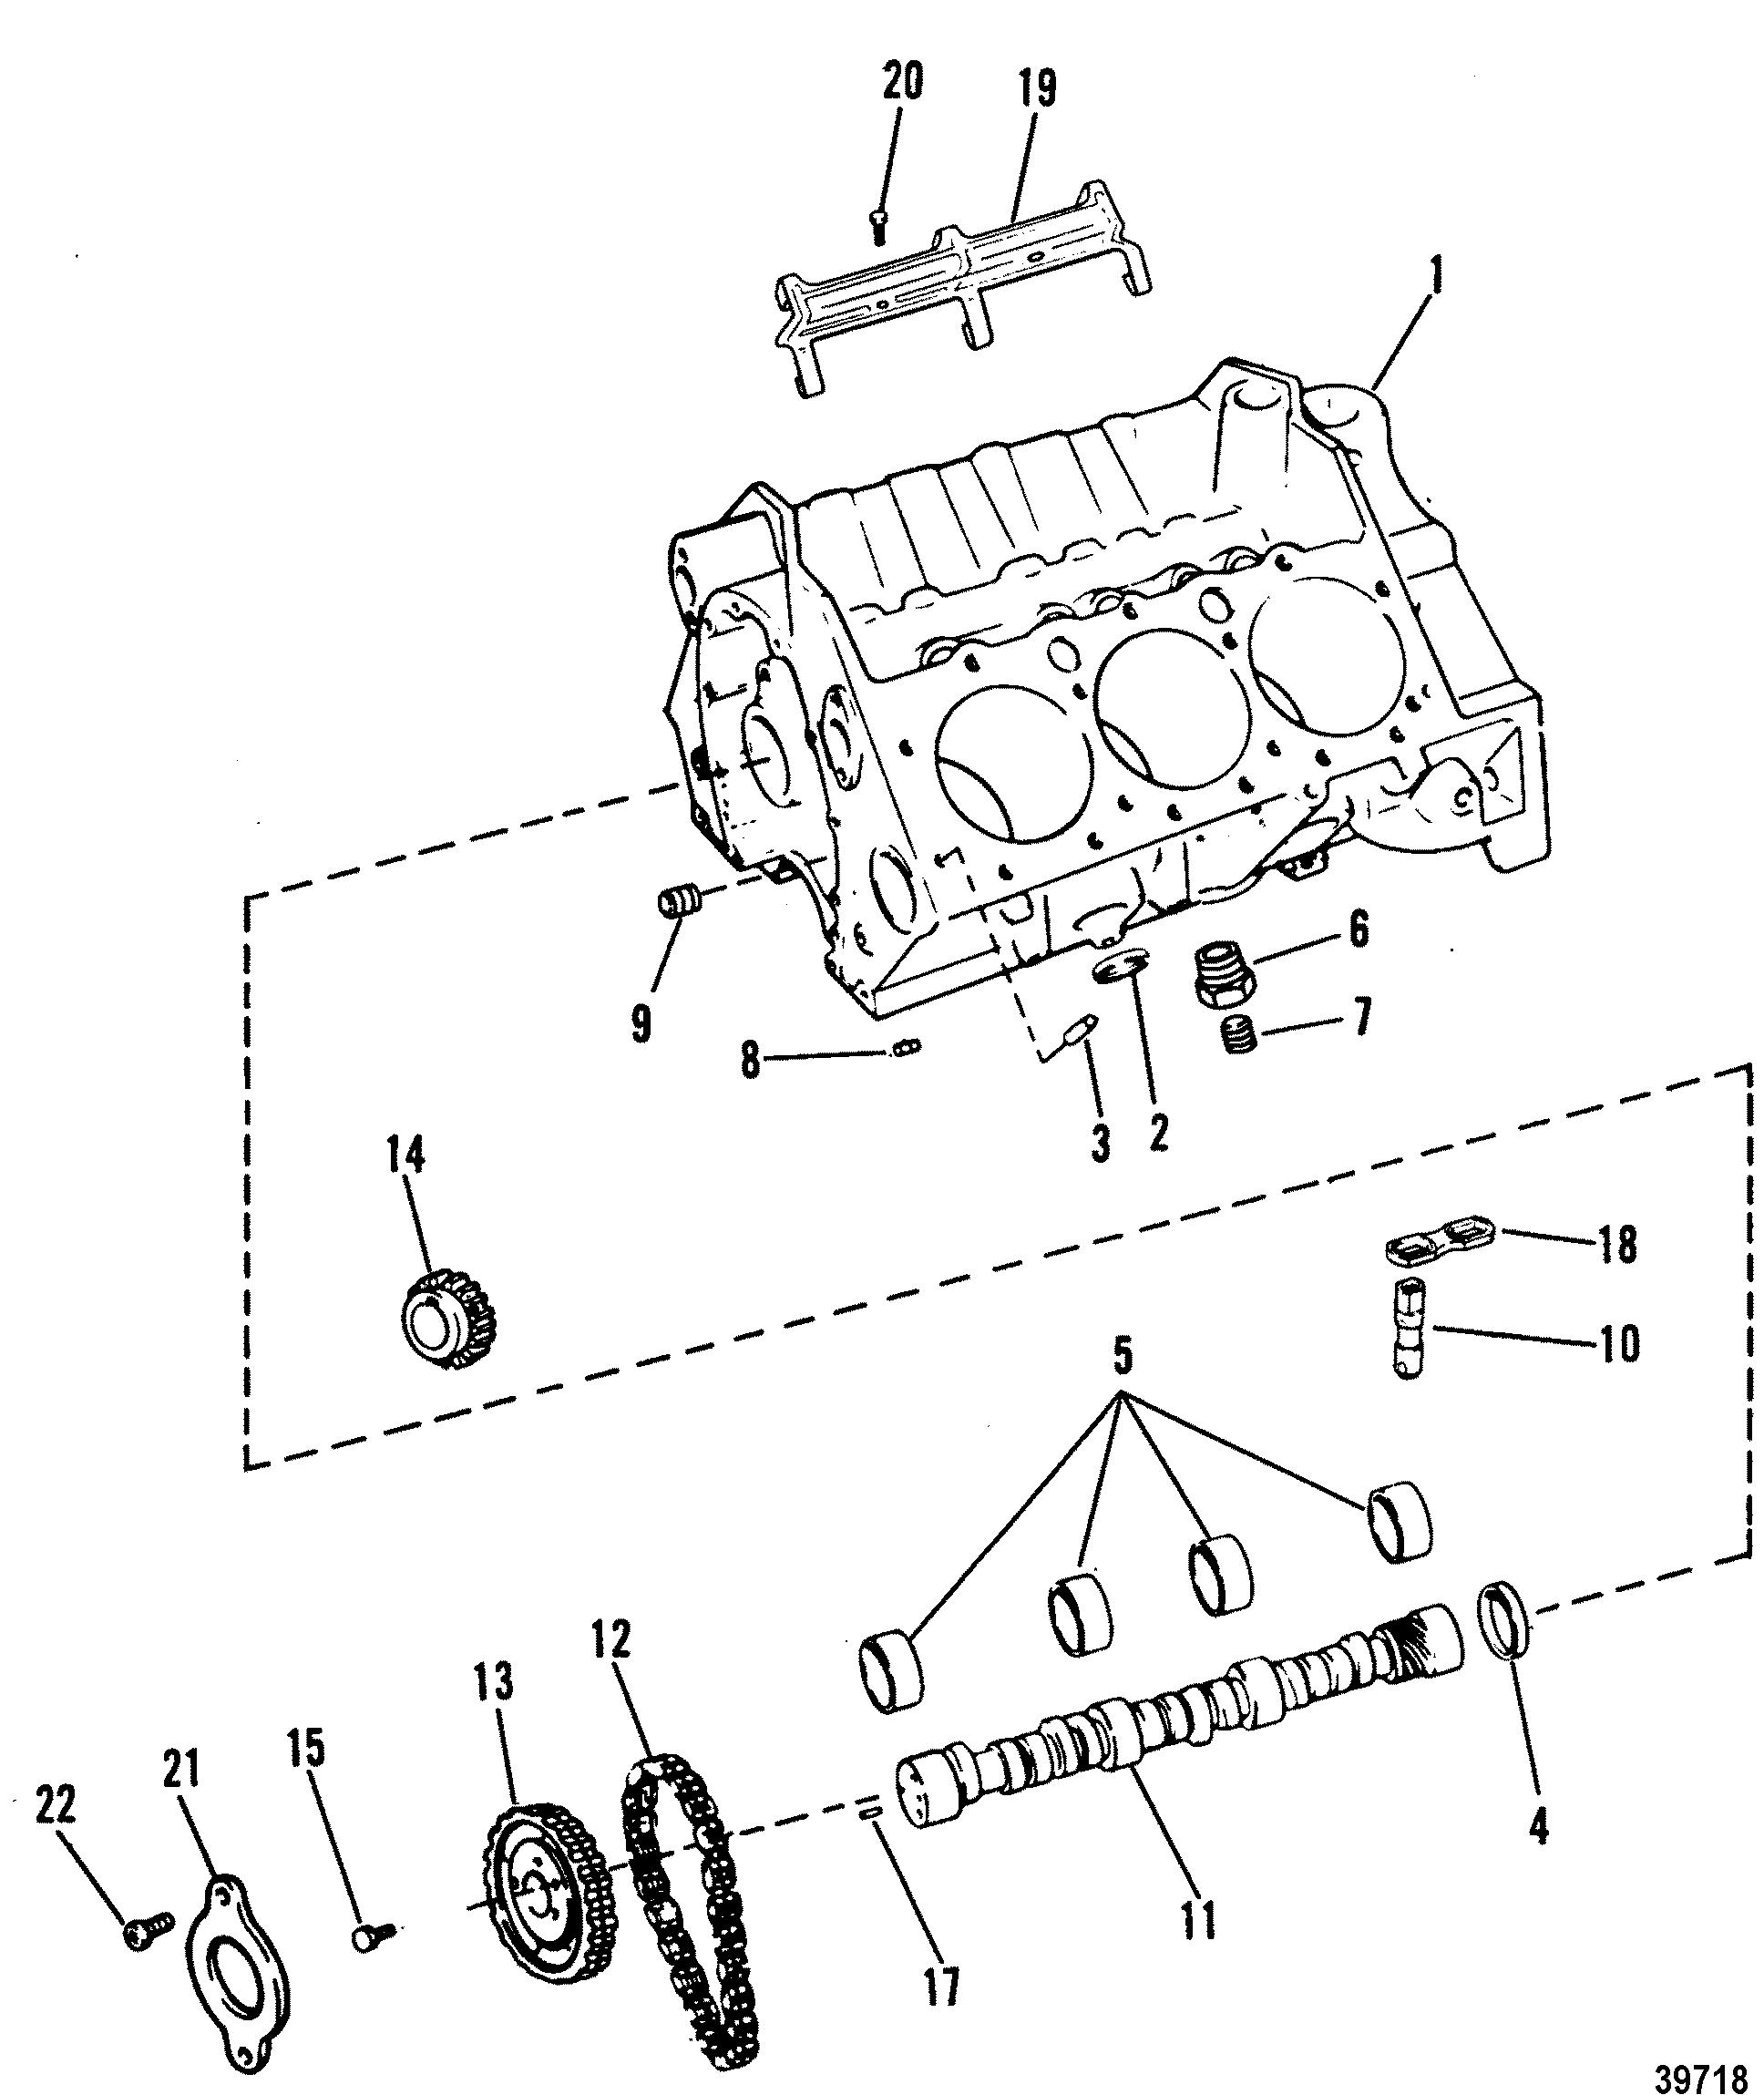 cylinder block and camshaft for mercruiser 4 3l 4 3lx alpha one engine 262 cid